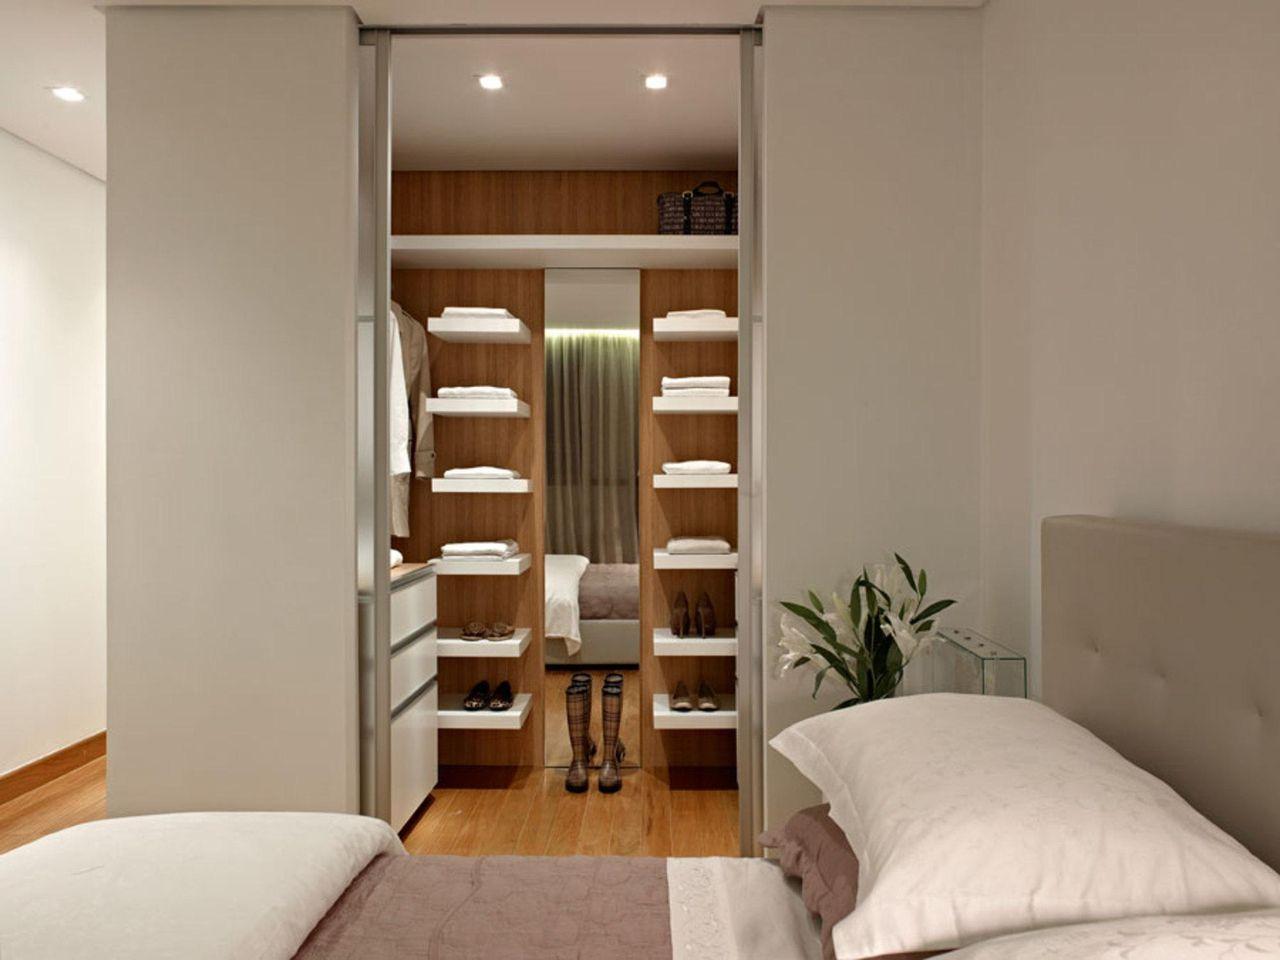 O estilo de decoração deve ser mantido nos dois ambientes